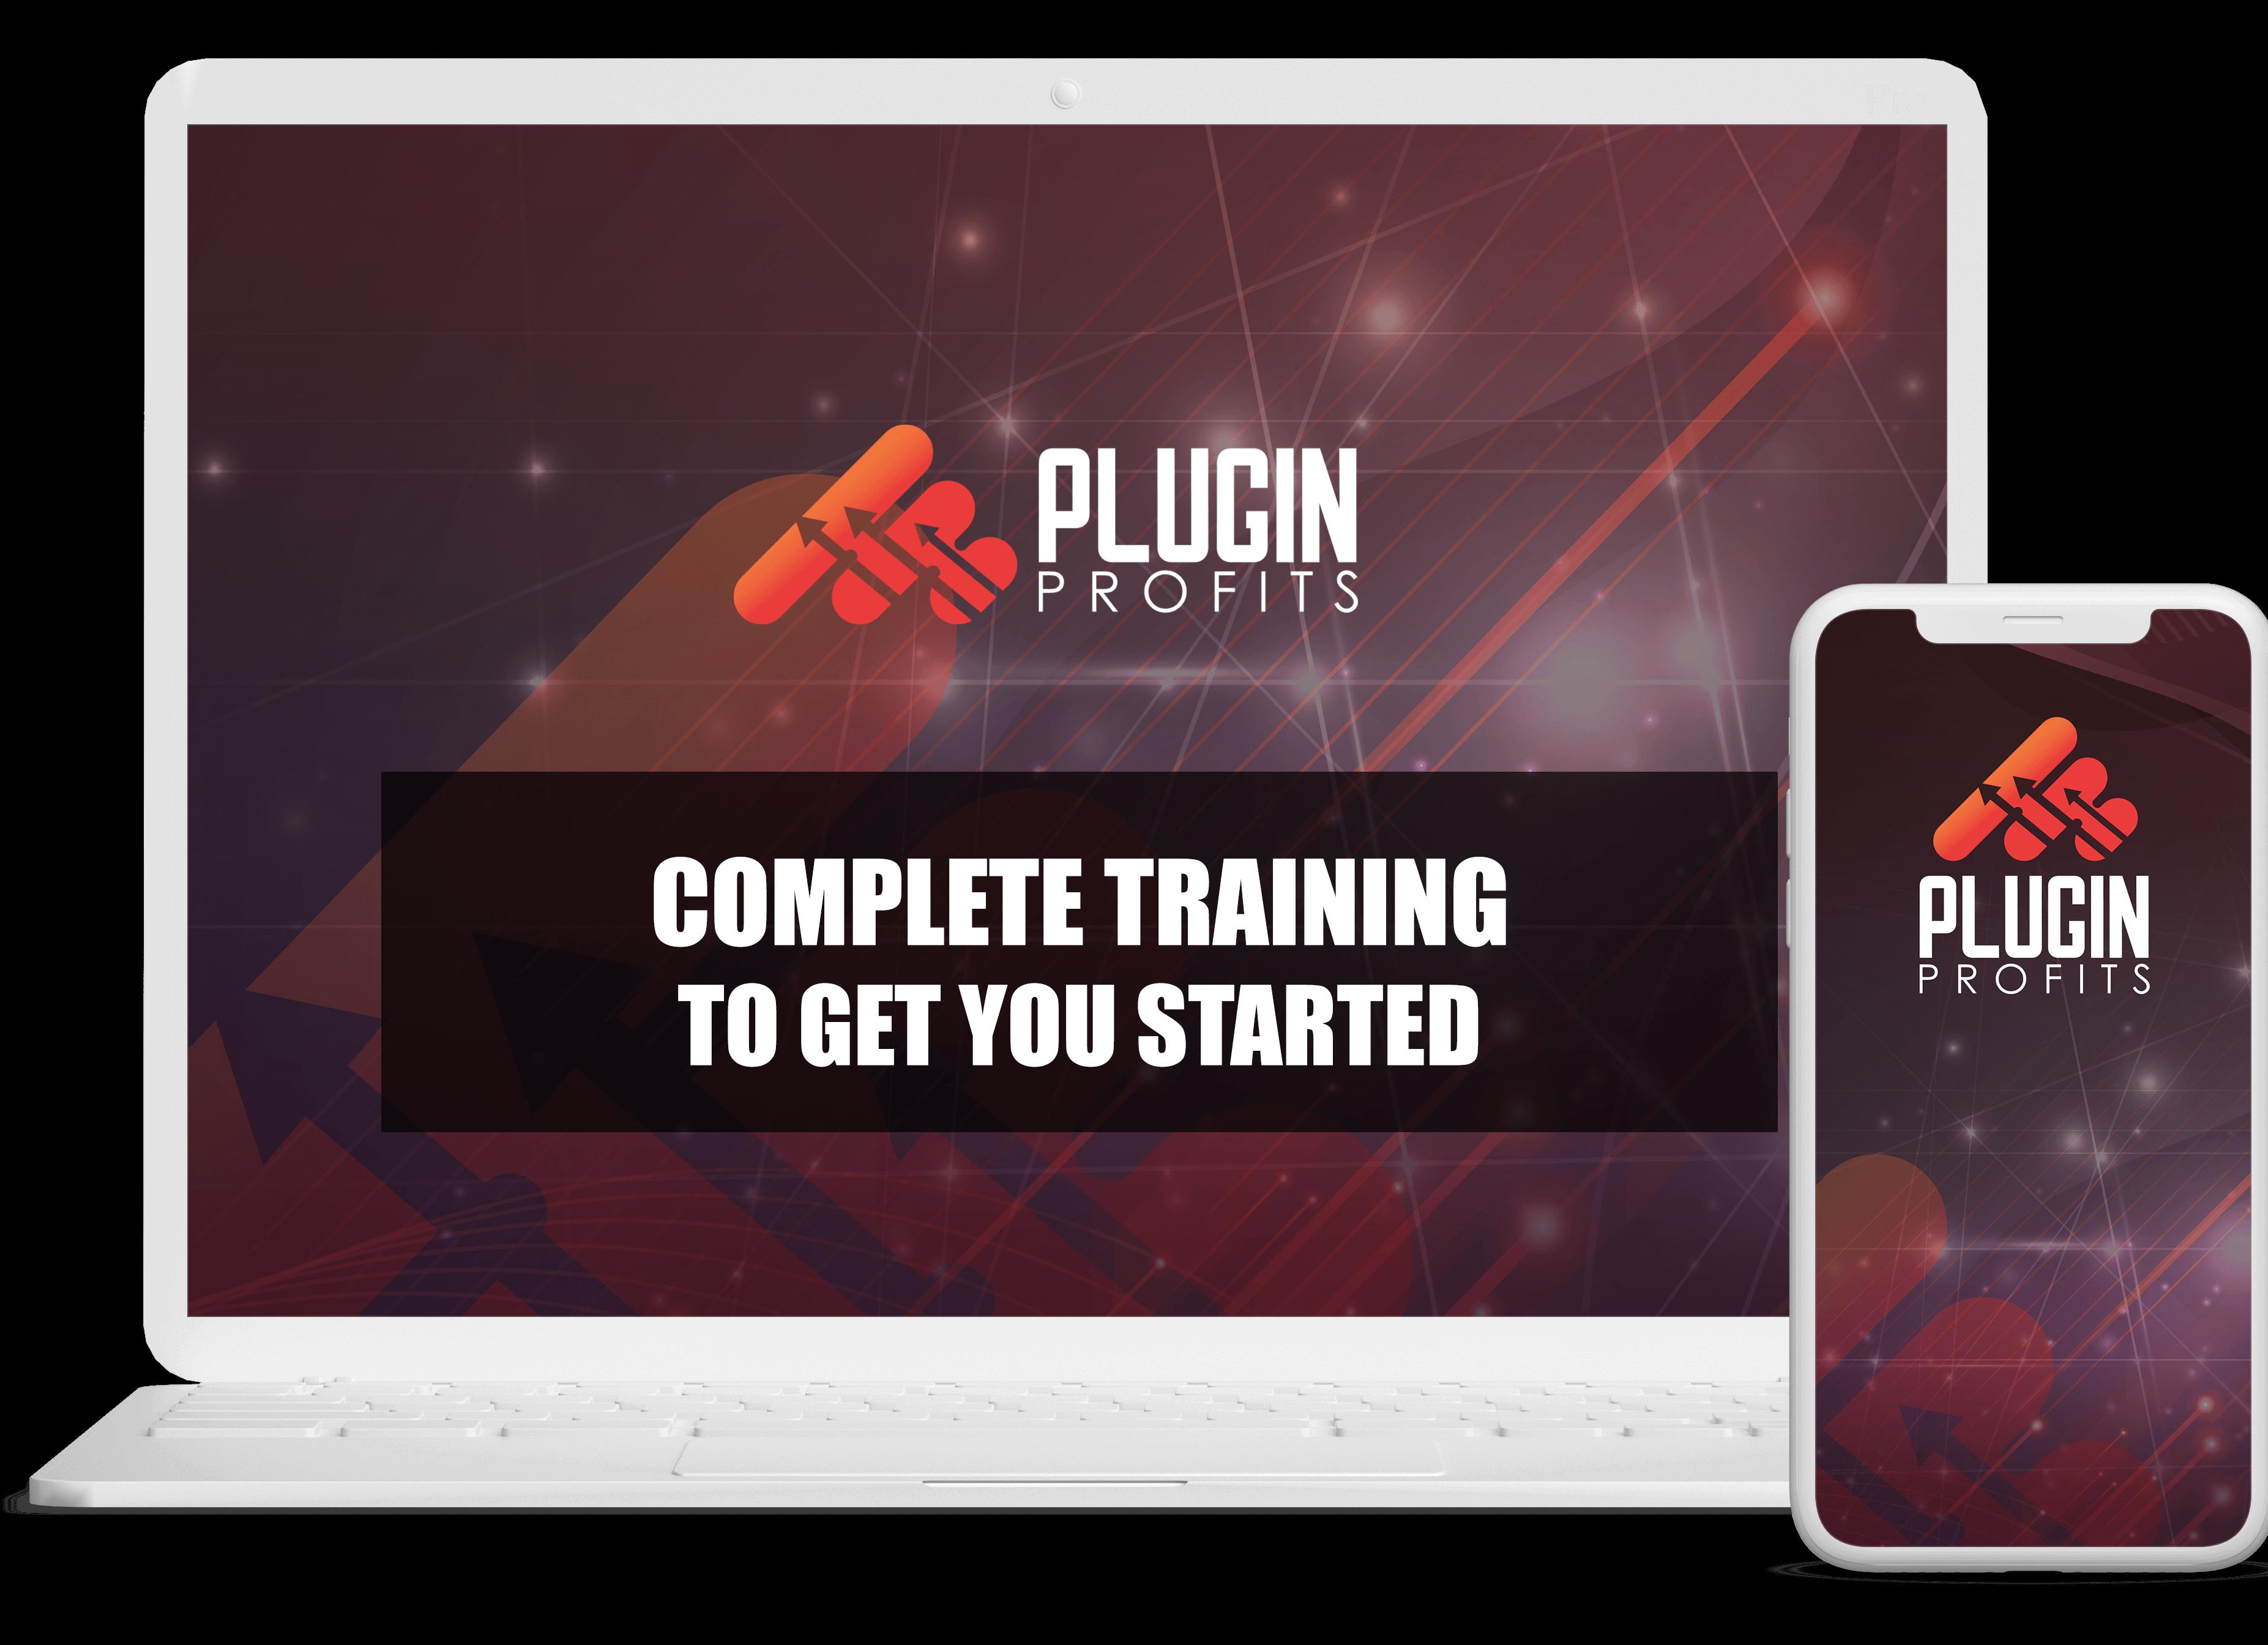 Plugin-Profits-feature-9